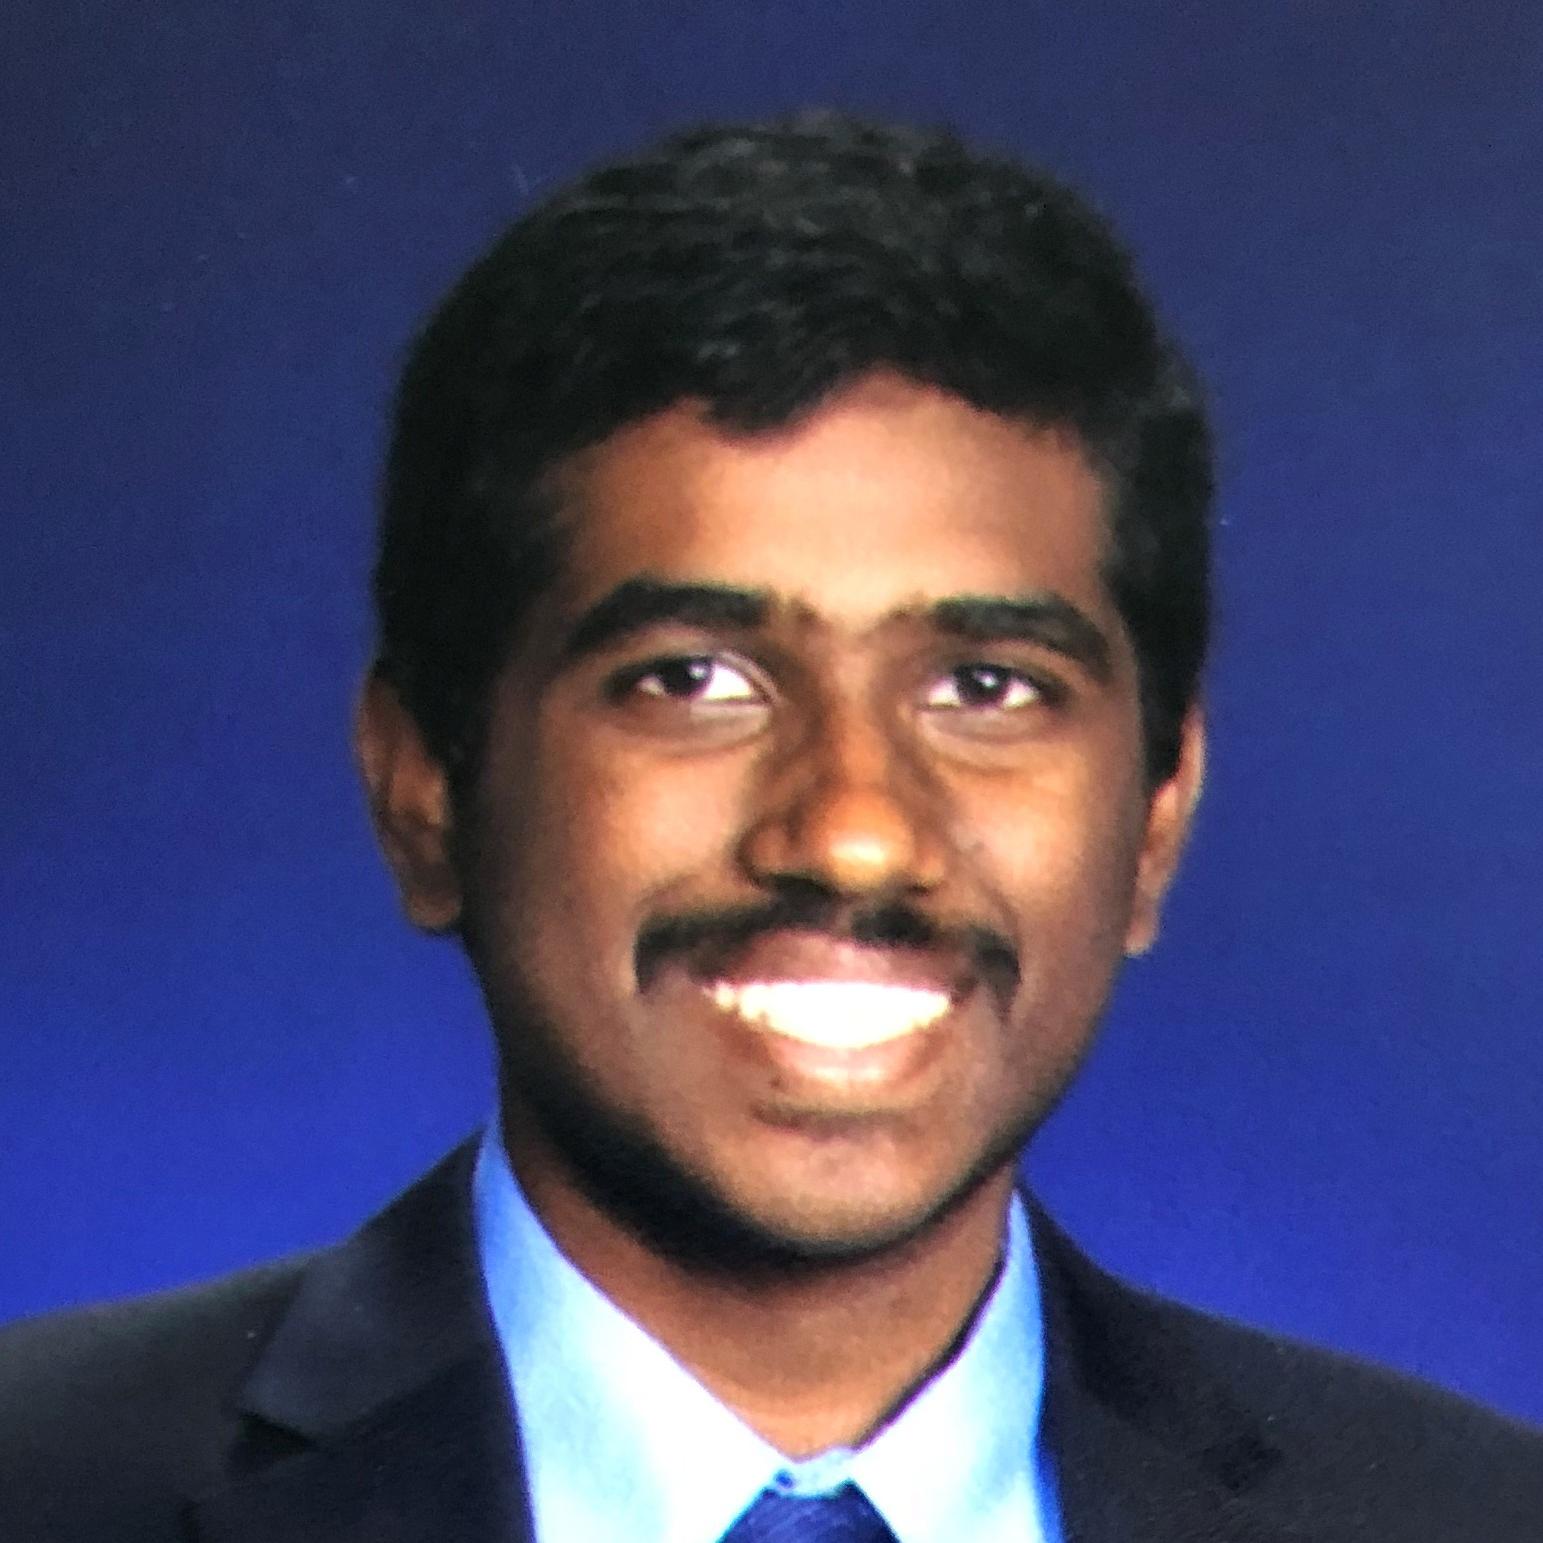 Vidyuth Suresh